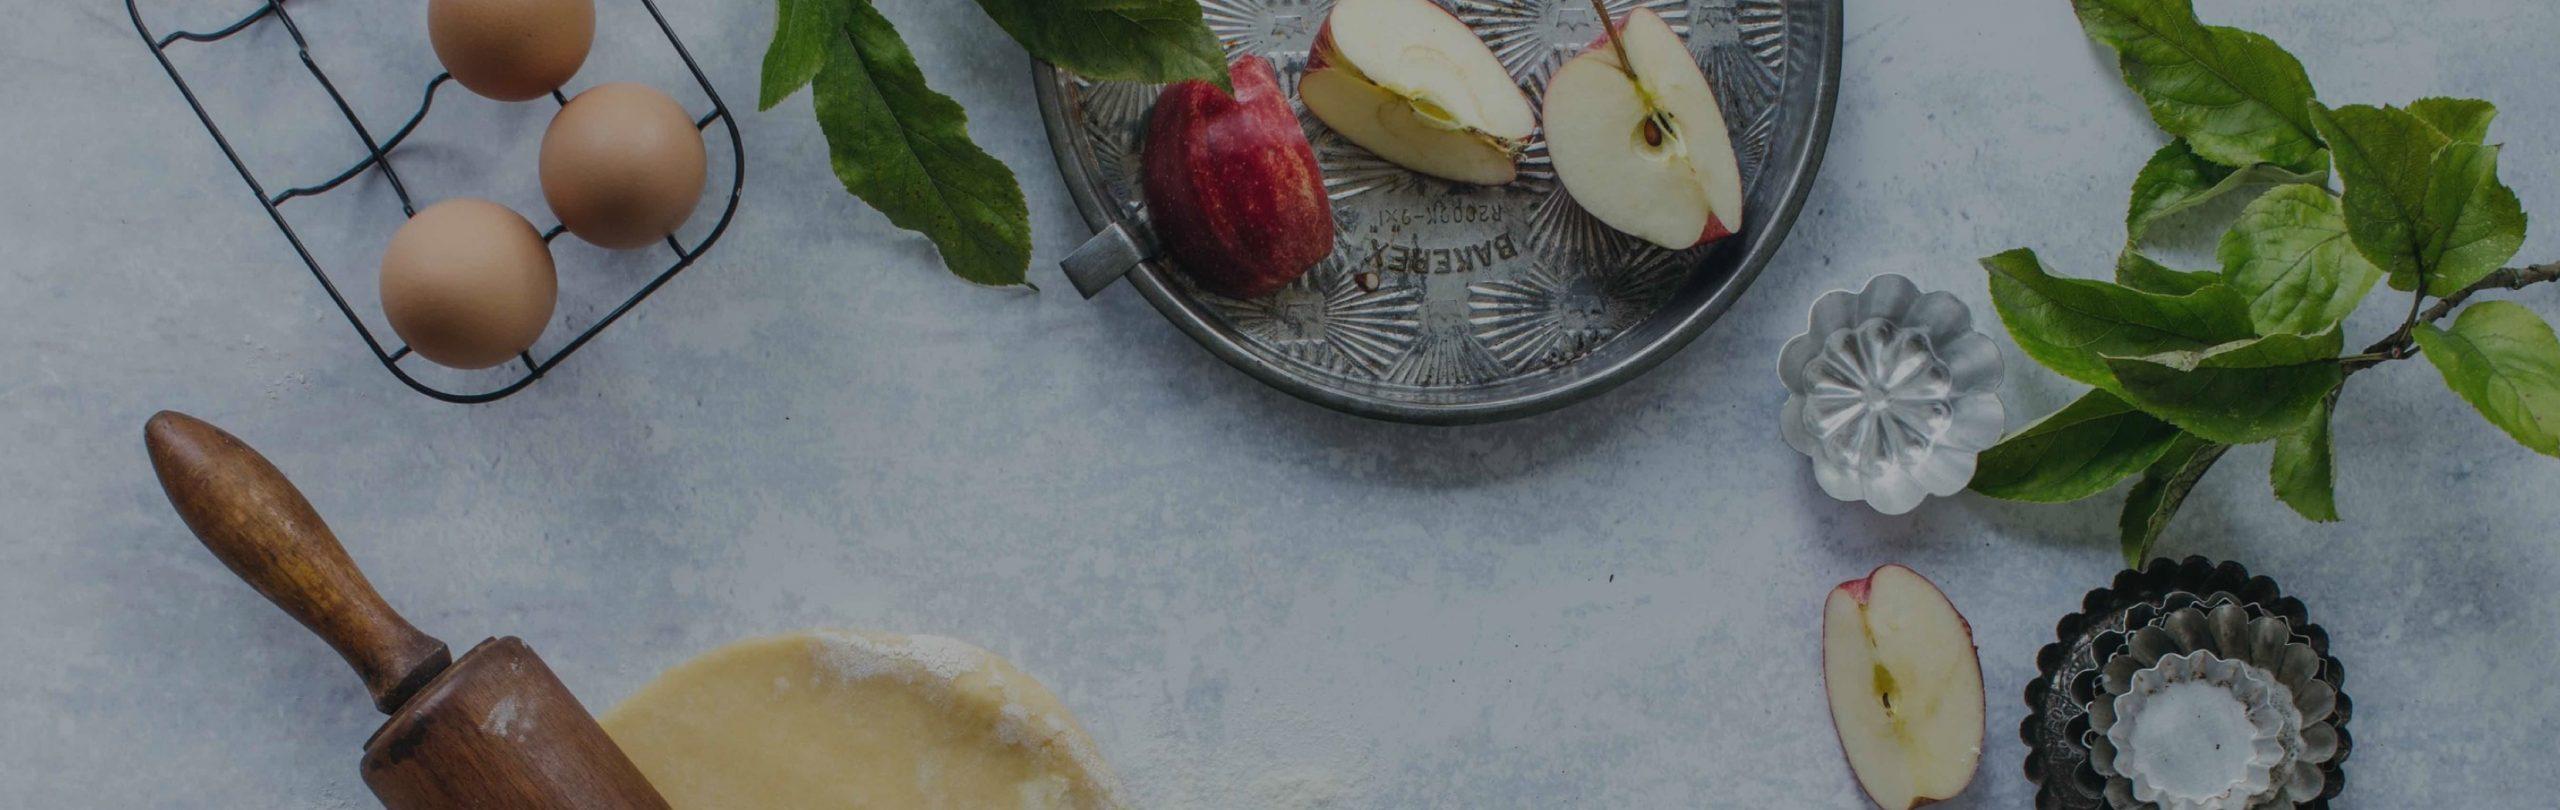 Nieschlag + Wentrup ist Spezialist für Kulinarische Kommunikation.